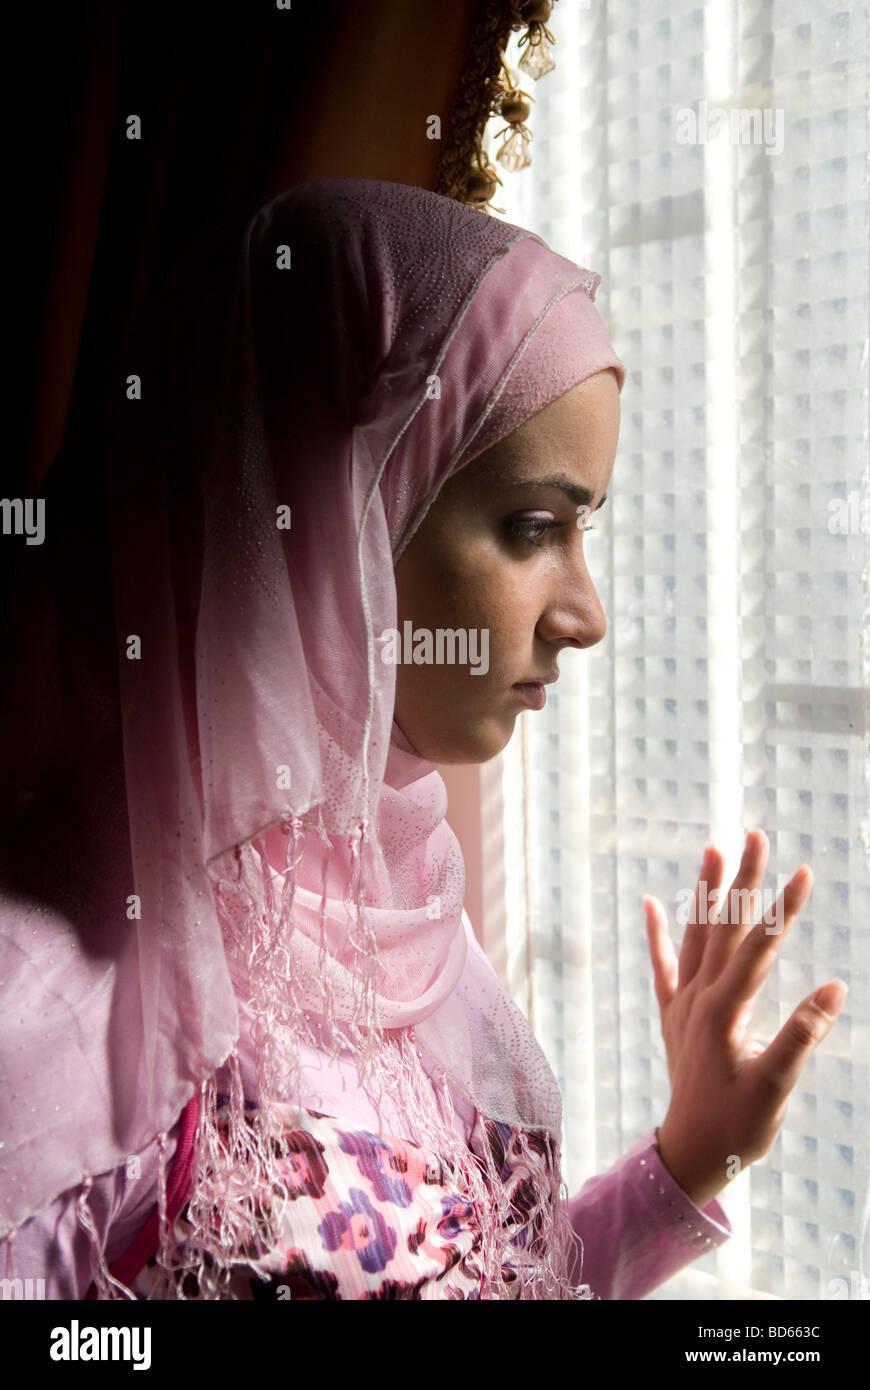 Joven chica musulmana mirando por la ventana Imagen De Stock